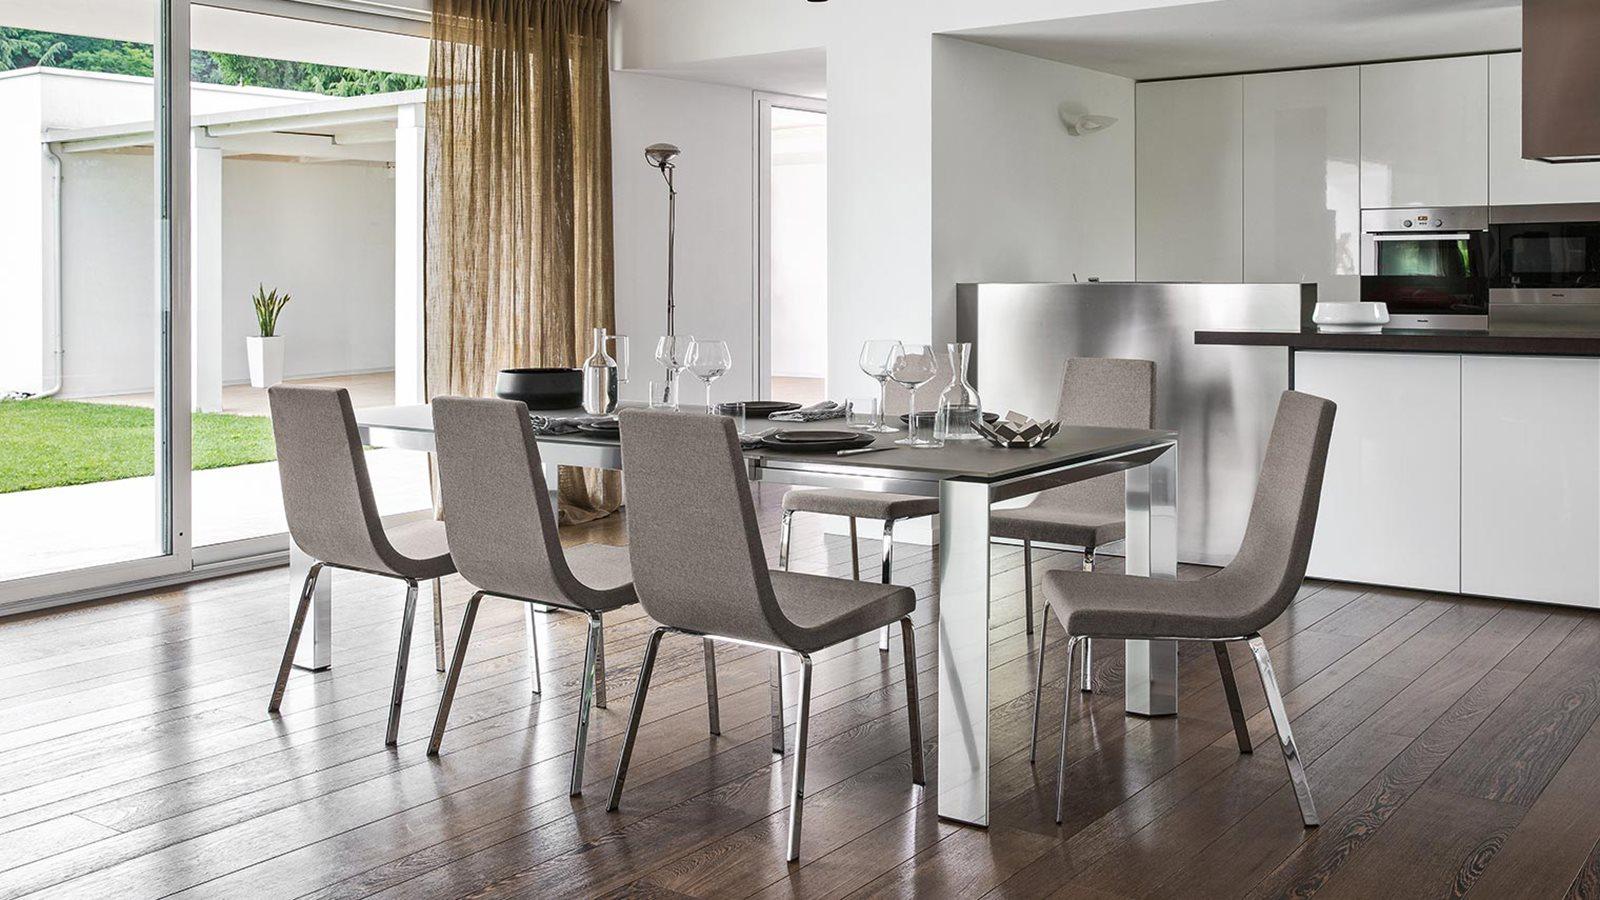 Come scegliere le sedie giuste per la tua casa for Sedie per salone